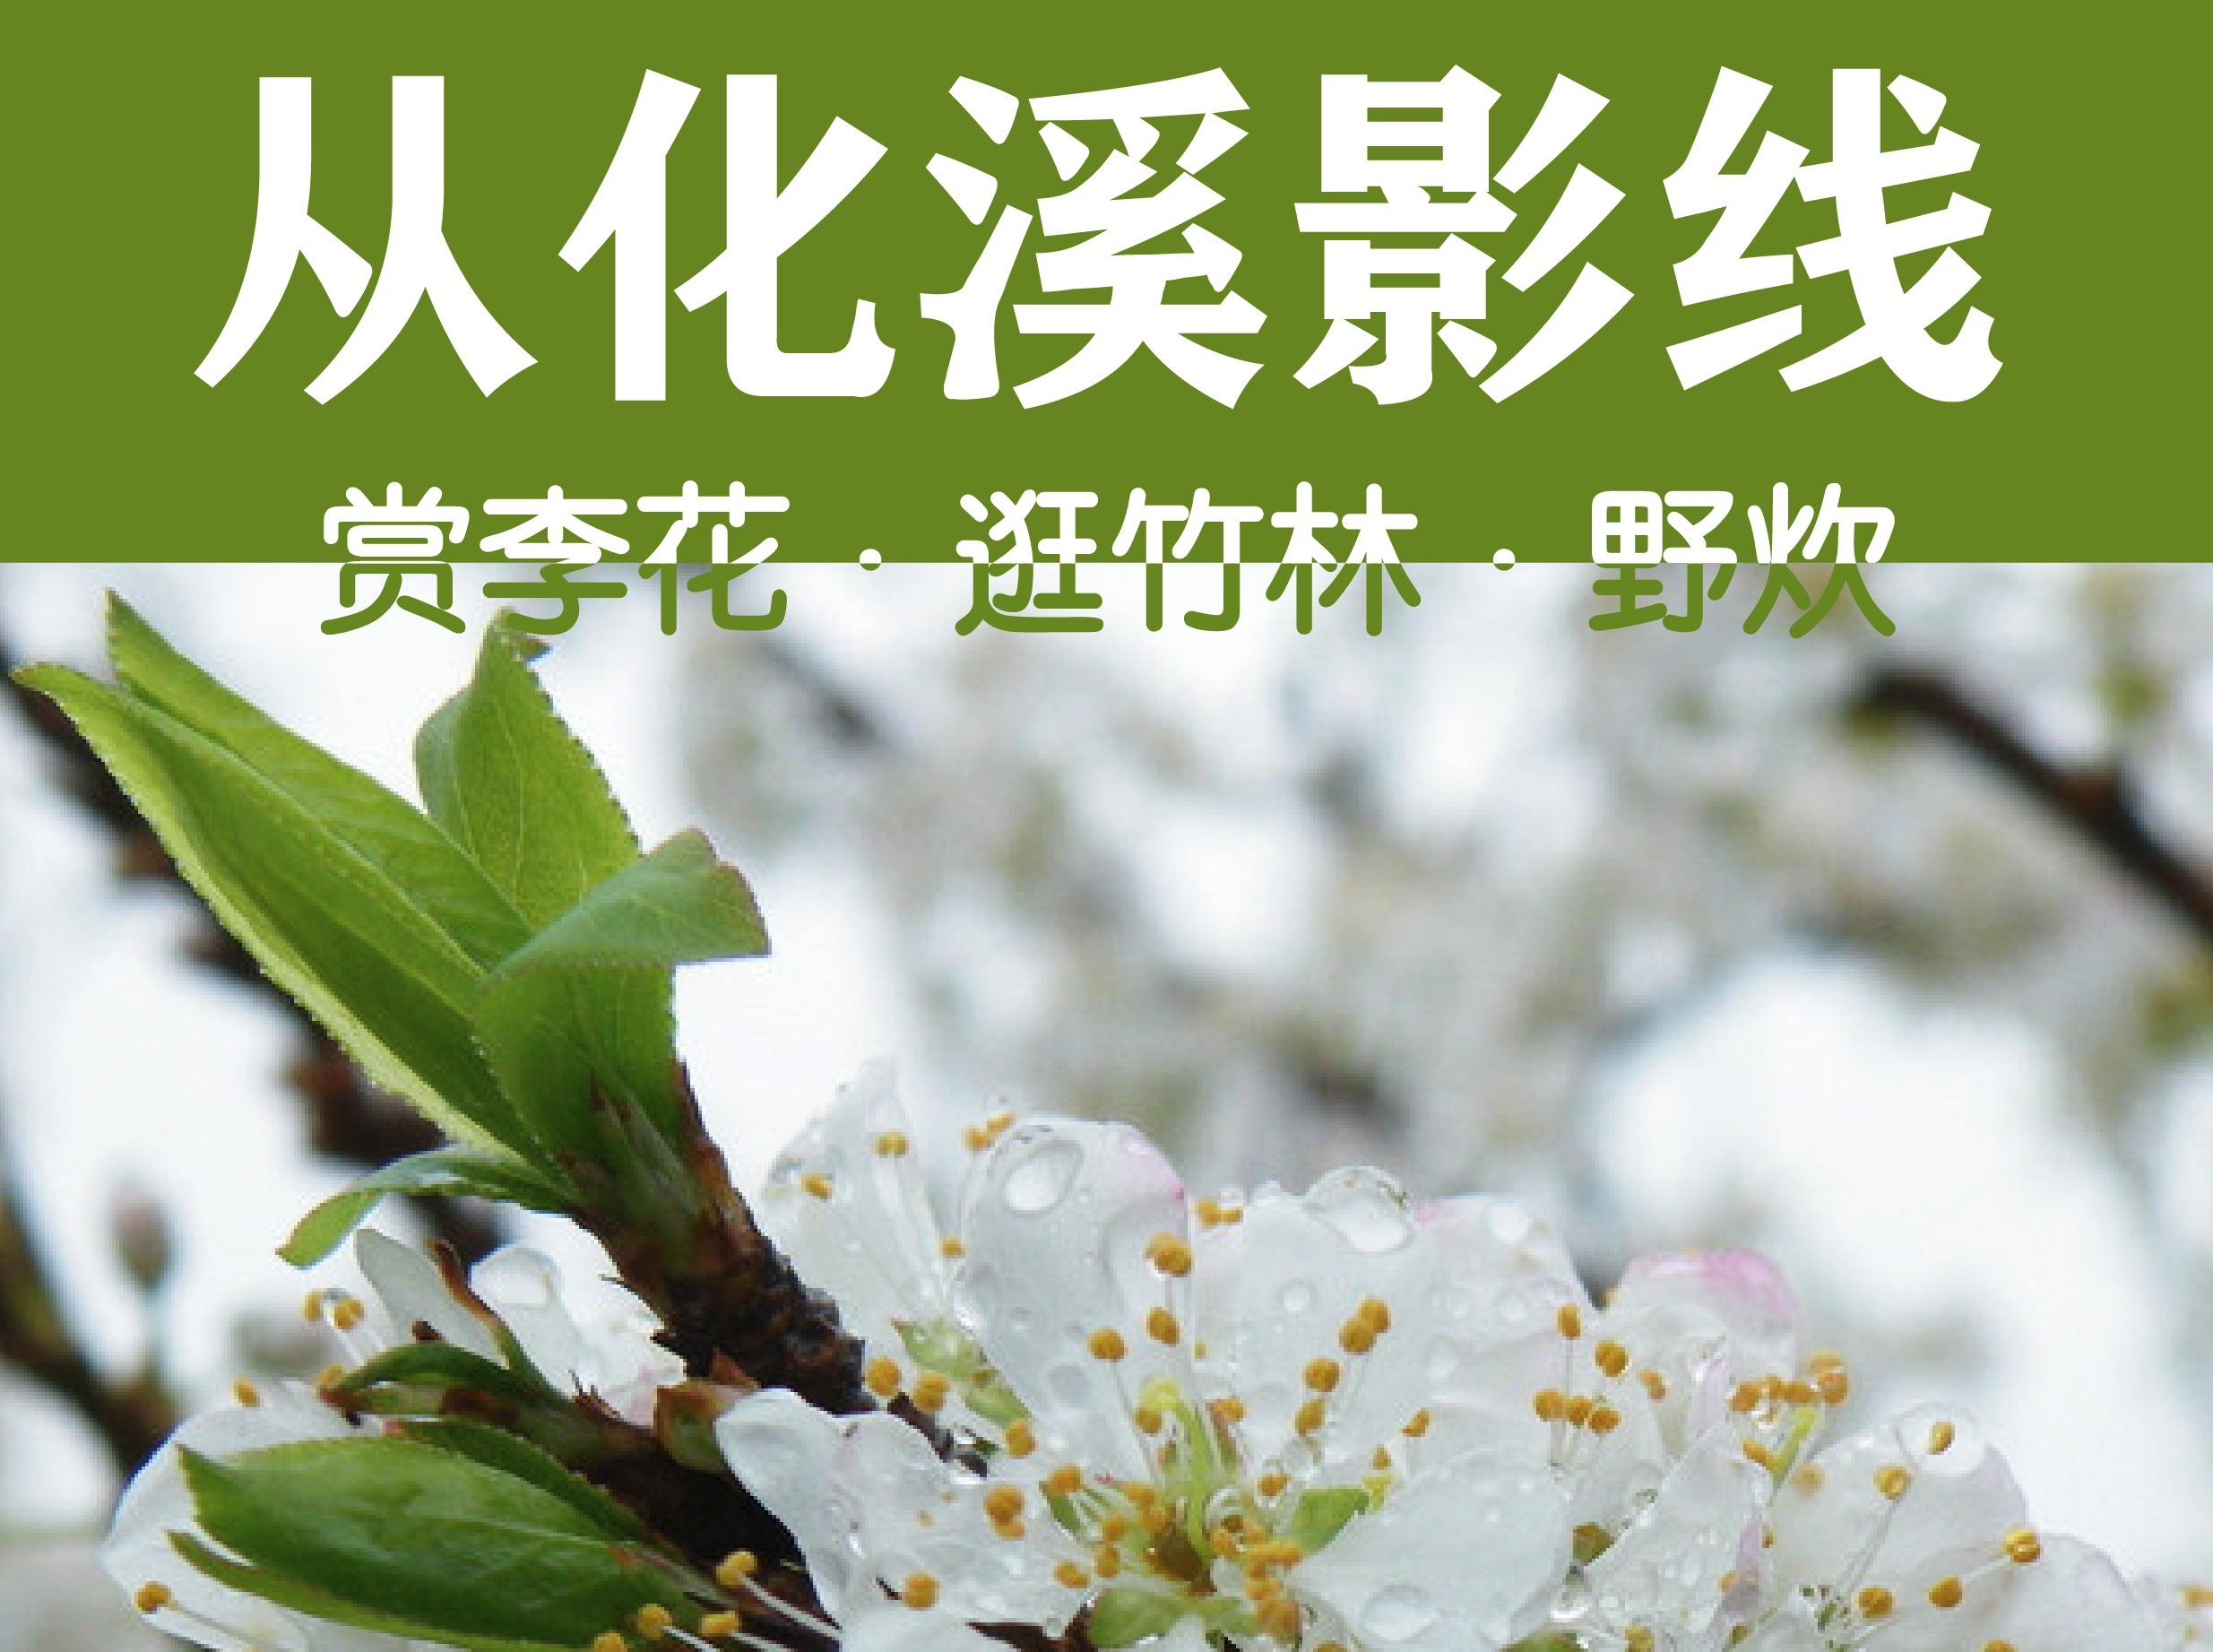 2月12日,徒步溪影线,山间野炊、逛竹林、赏李花